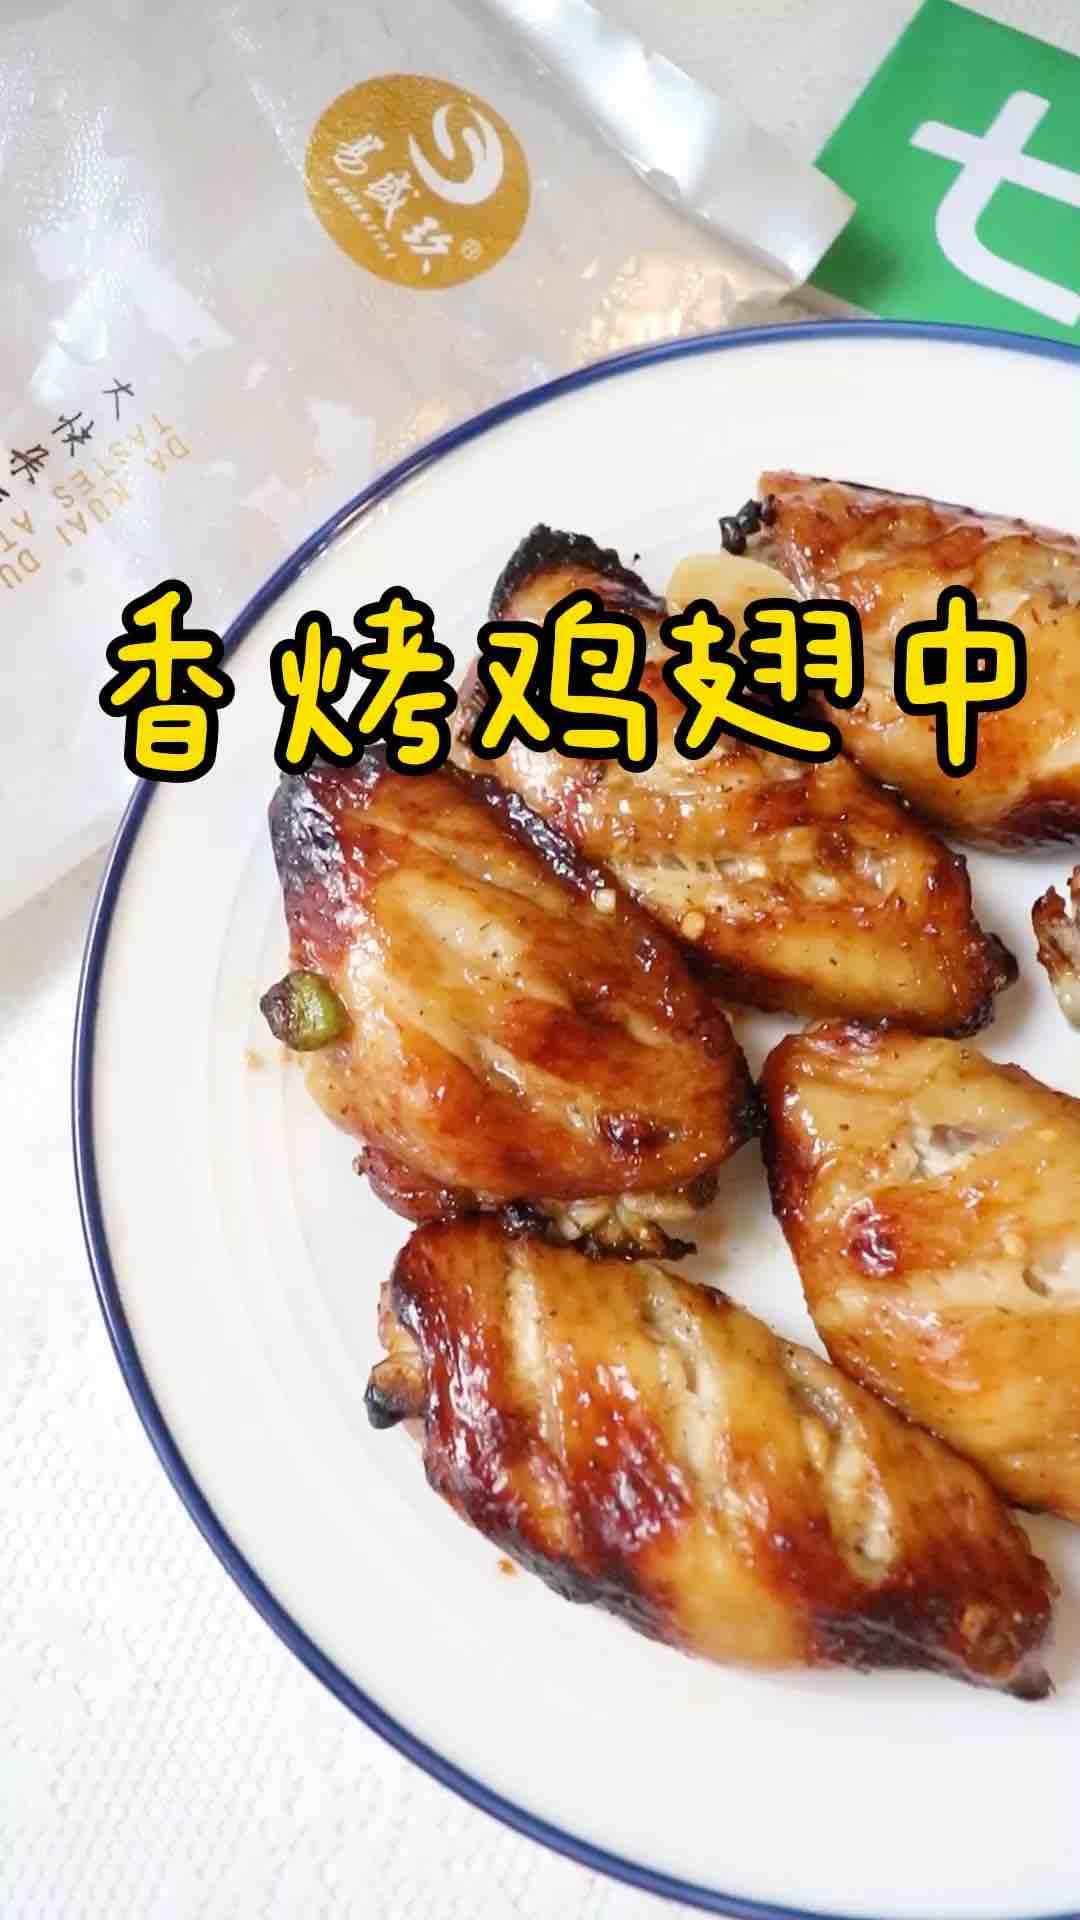 香烤鸡翅中